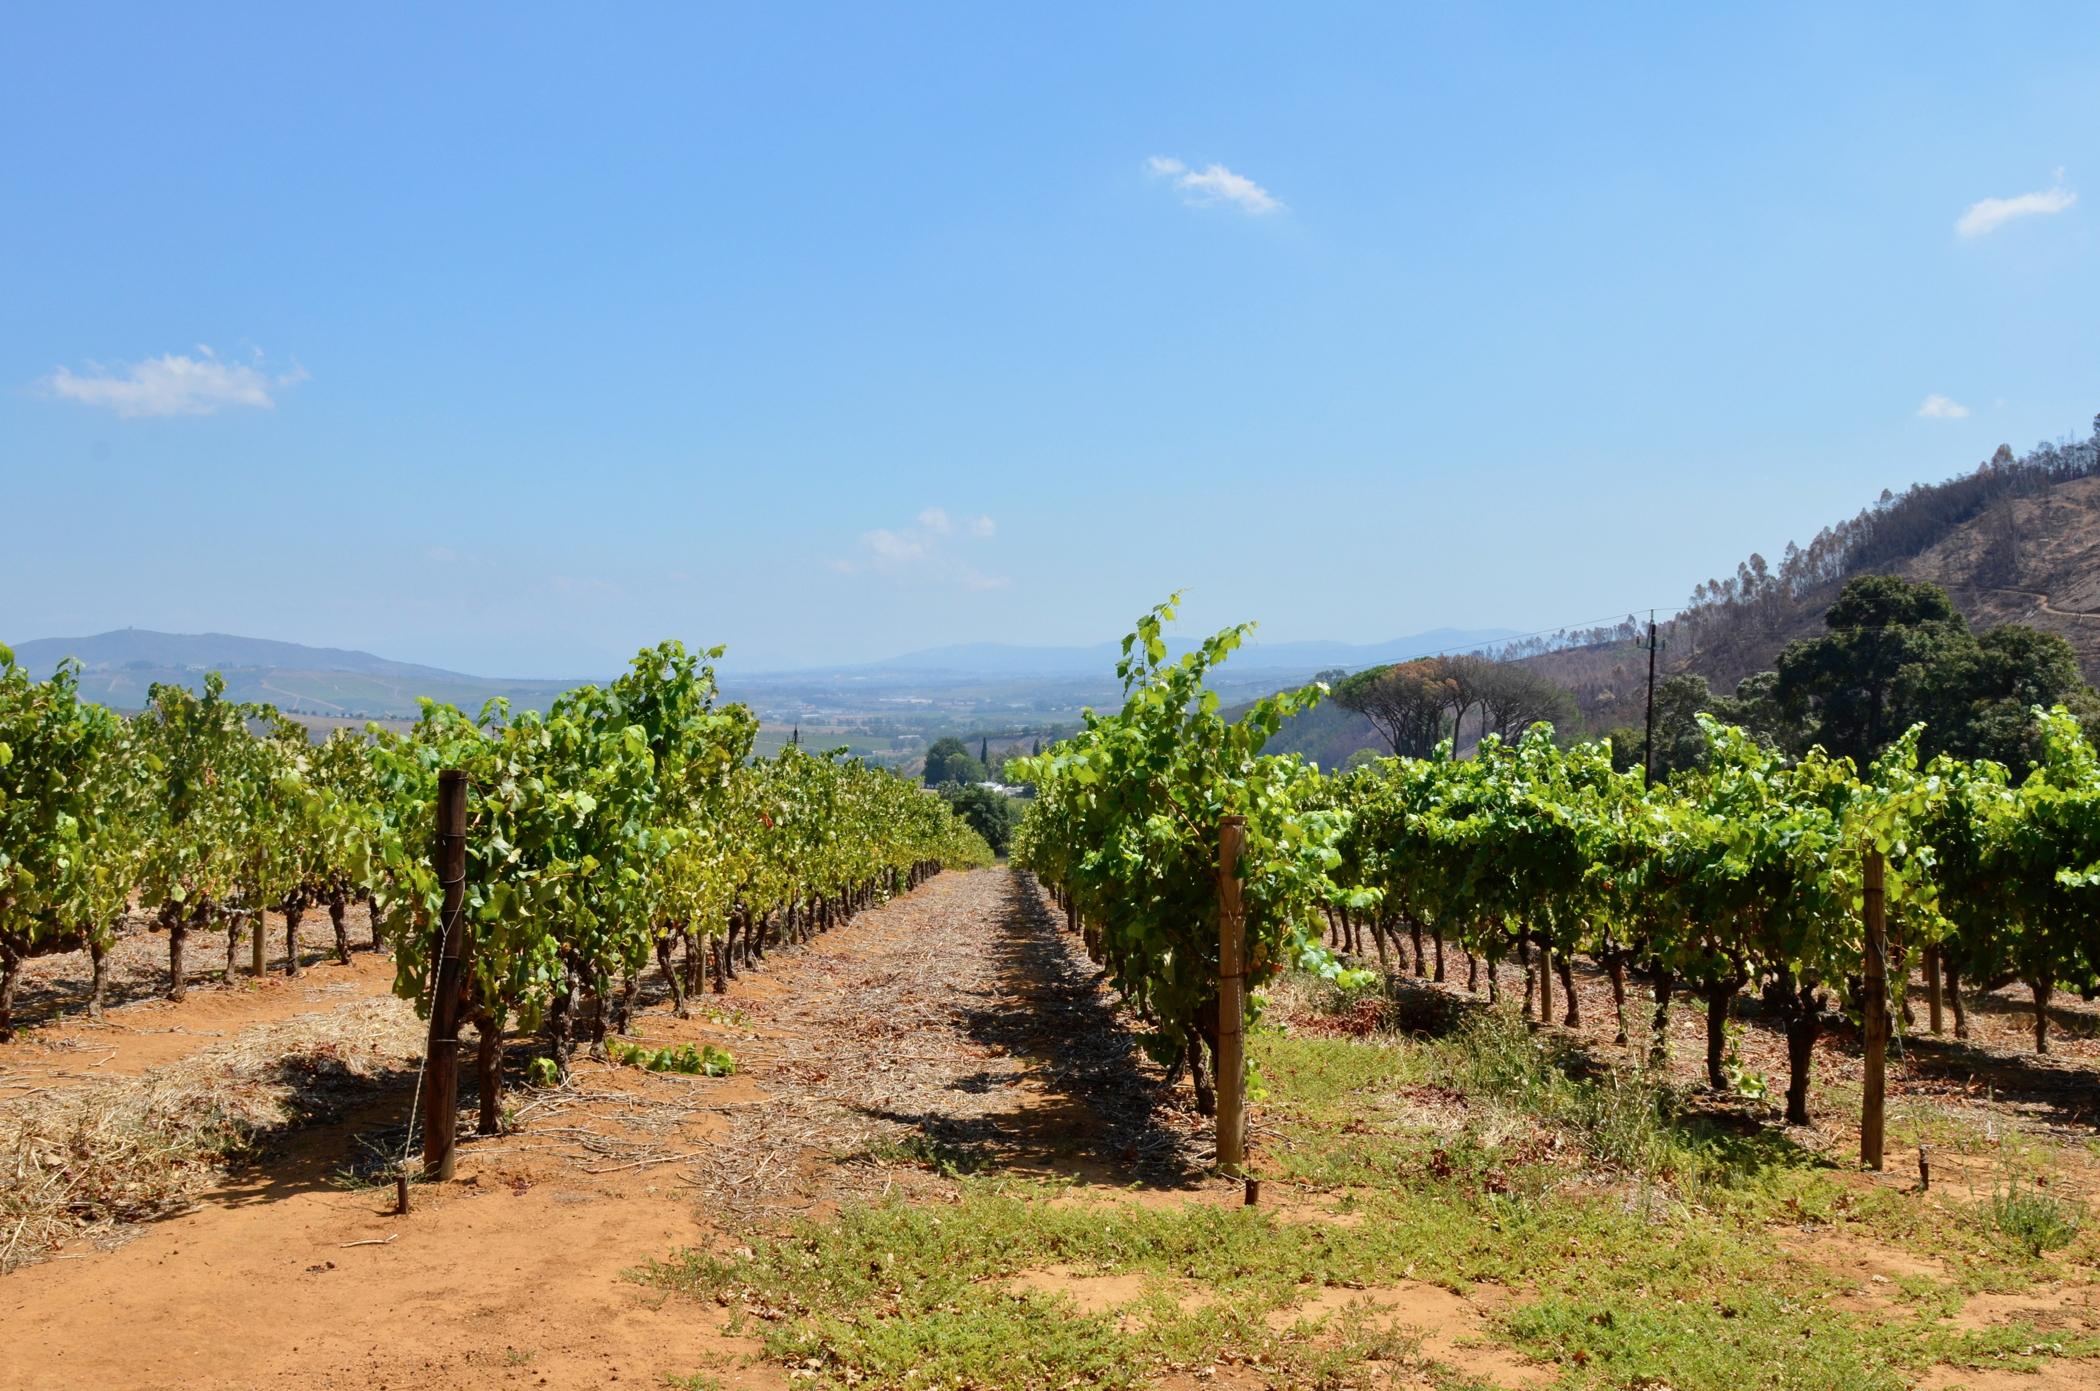 Auf einem Südafrika Roadtrip muss man auch Stellenbosch besuchen